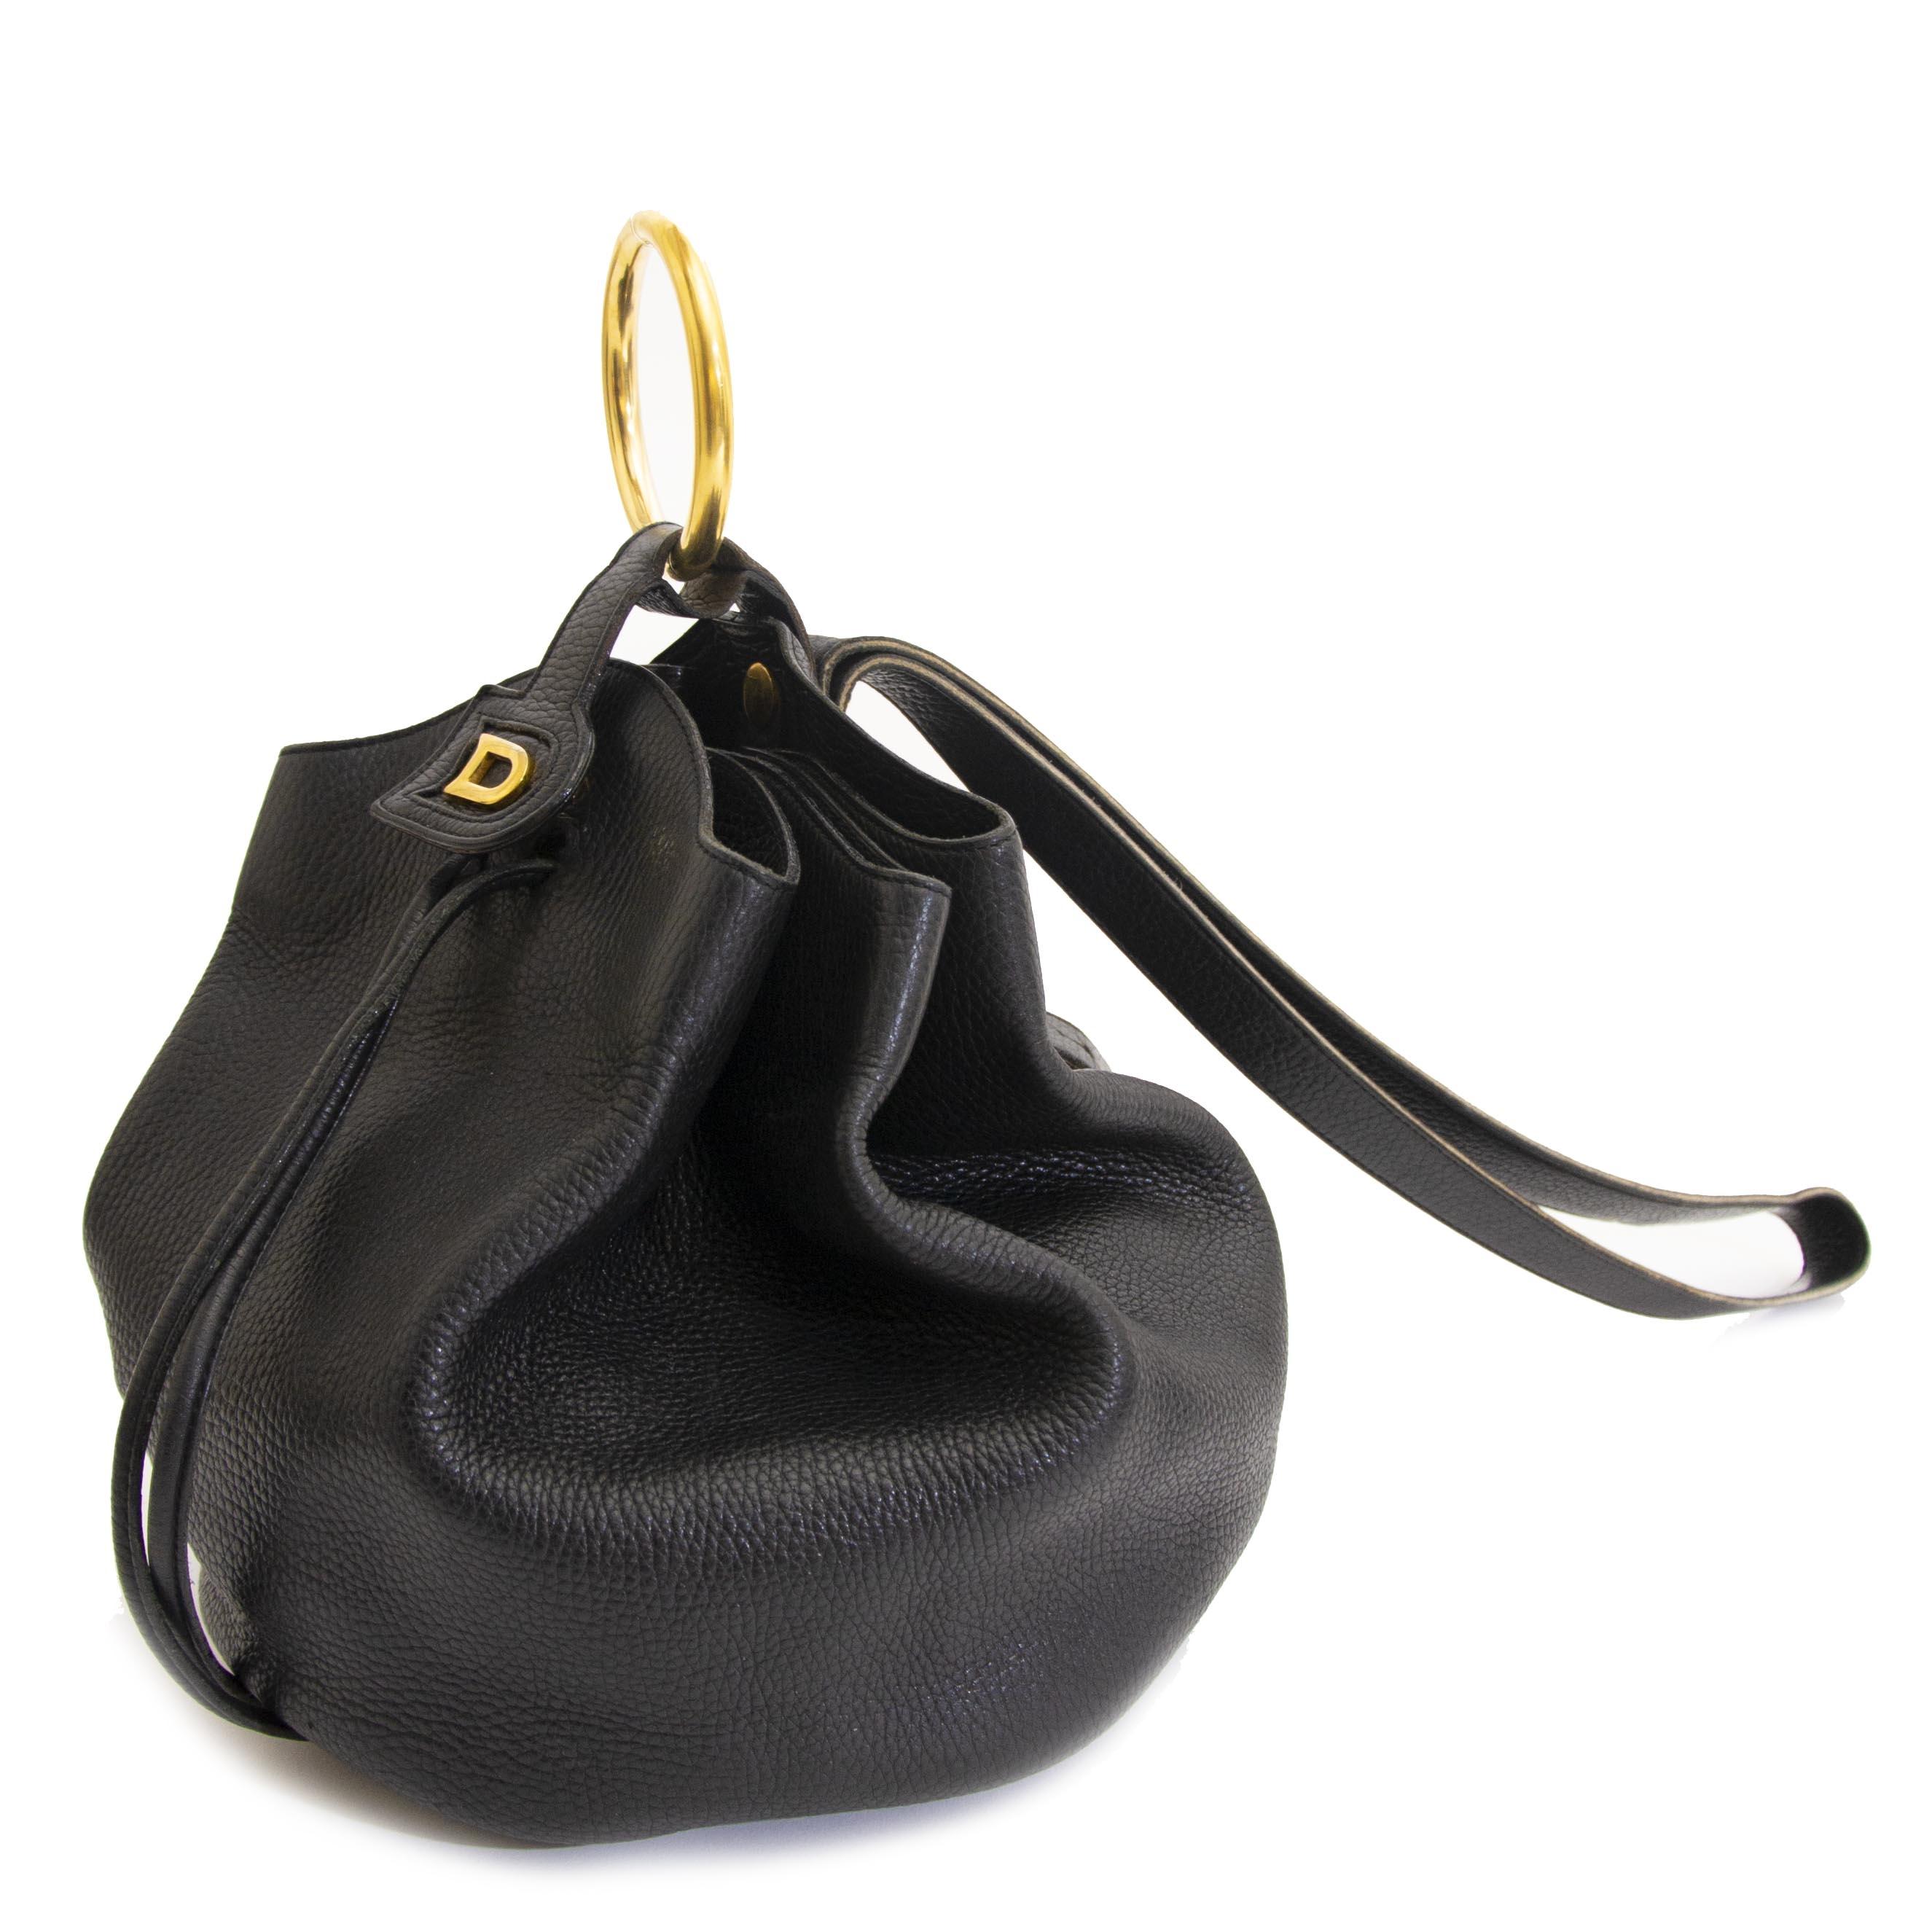 ... sale at labellov vintage fashion webshop belgium delvaux zwarte bucket  tas nu te koop bij labellov vintage webshop belgië aan de laagste prijs 178e464be6